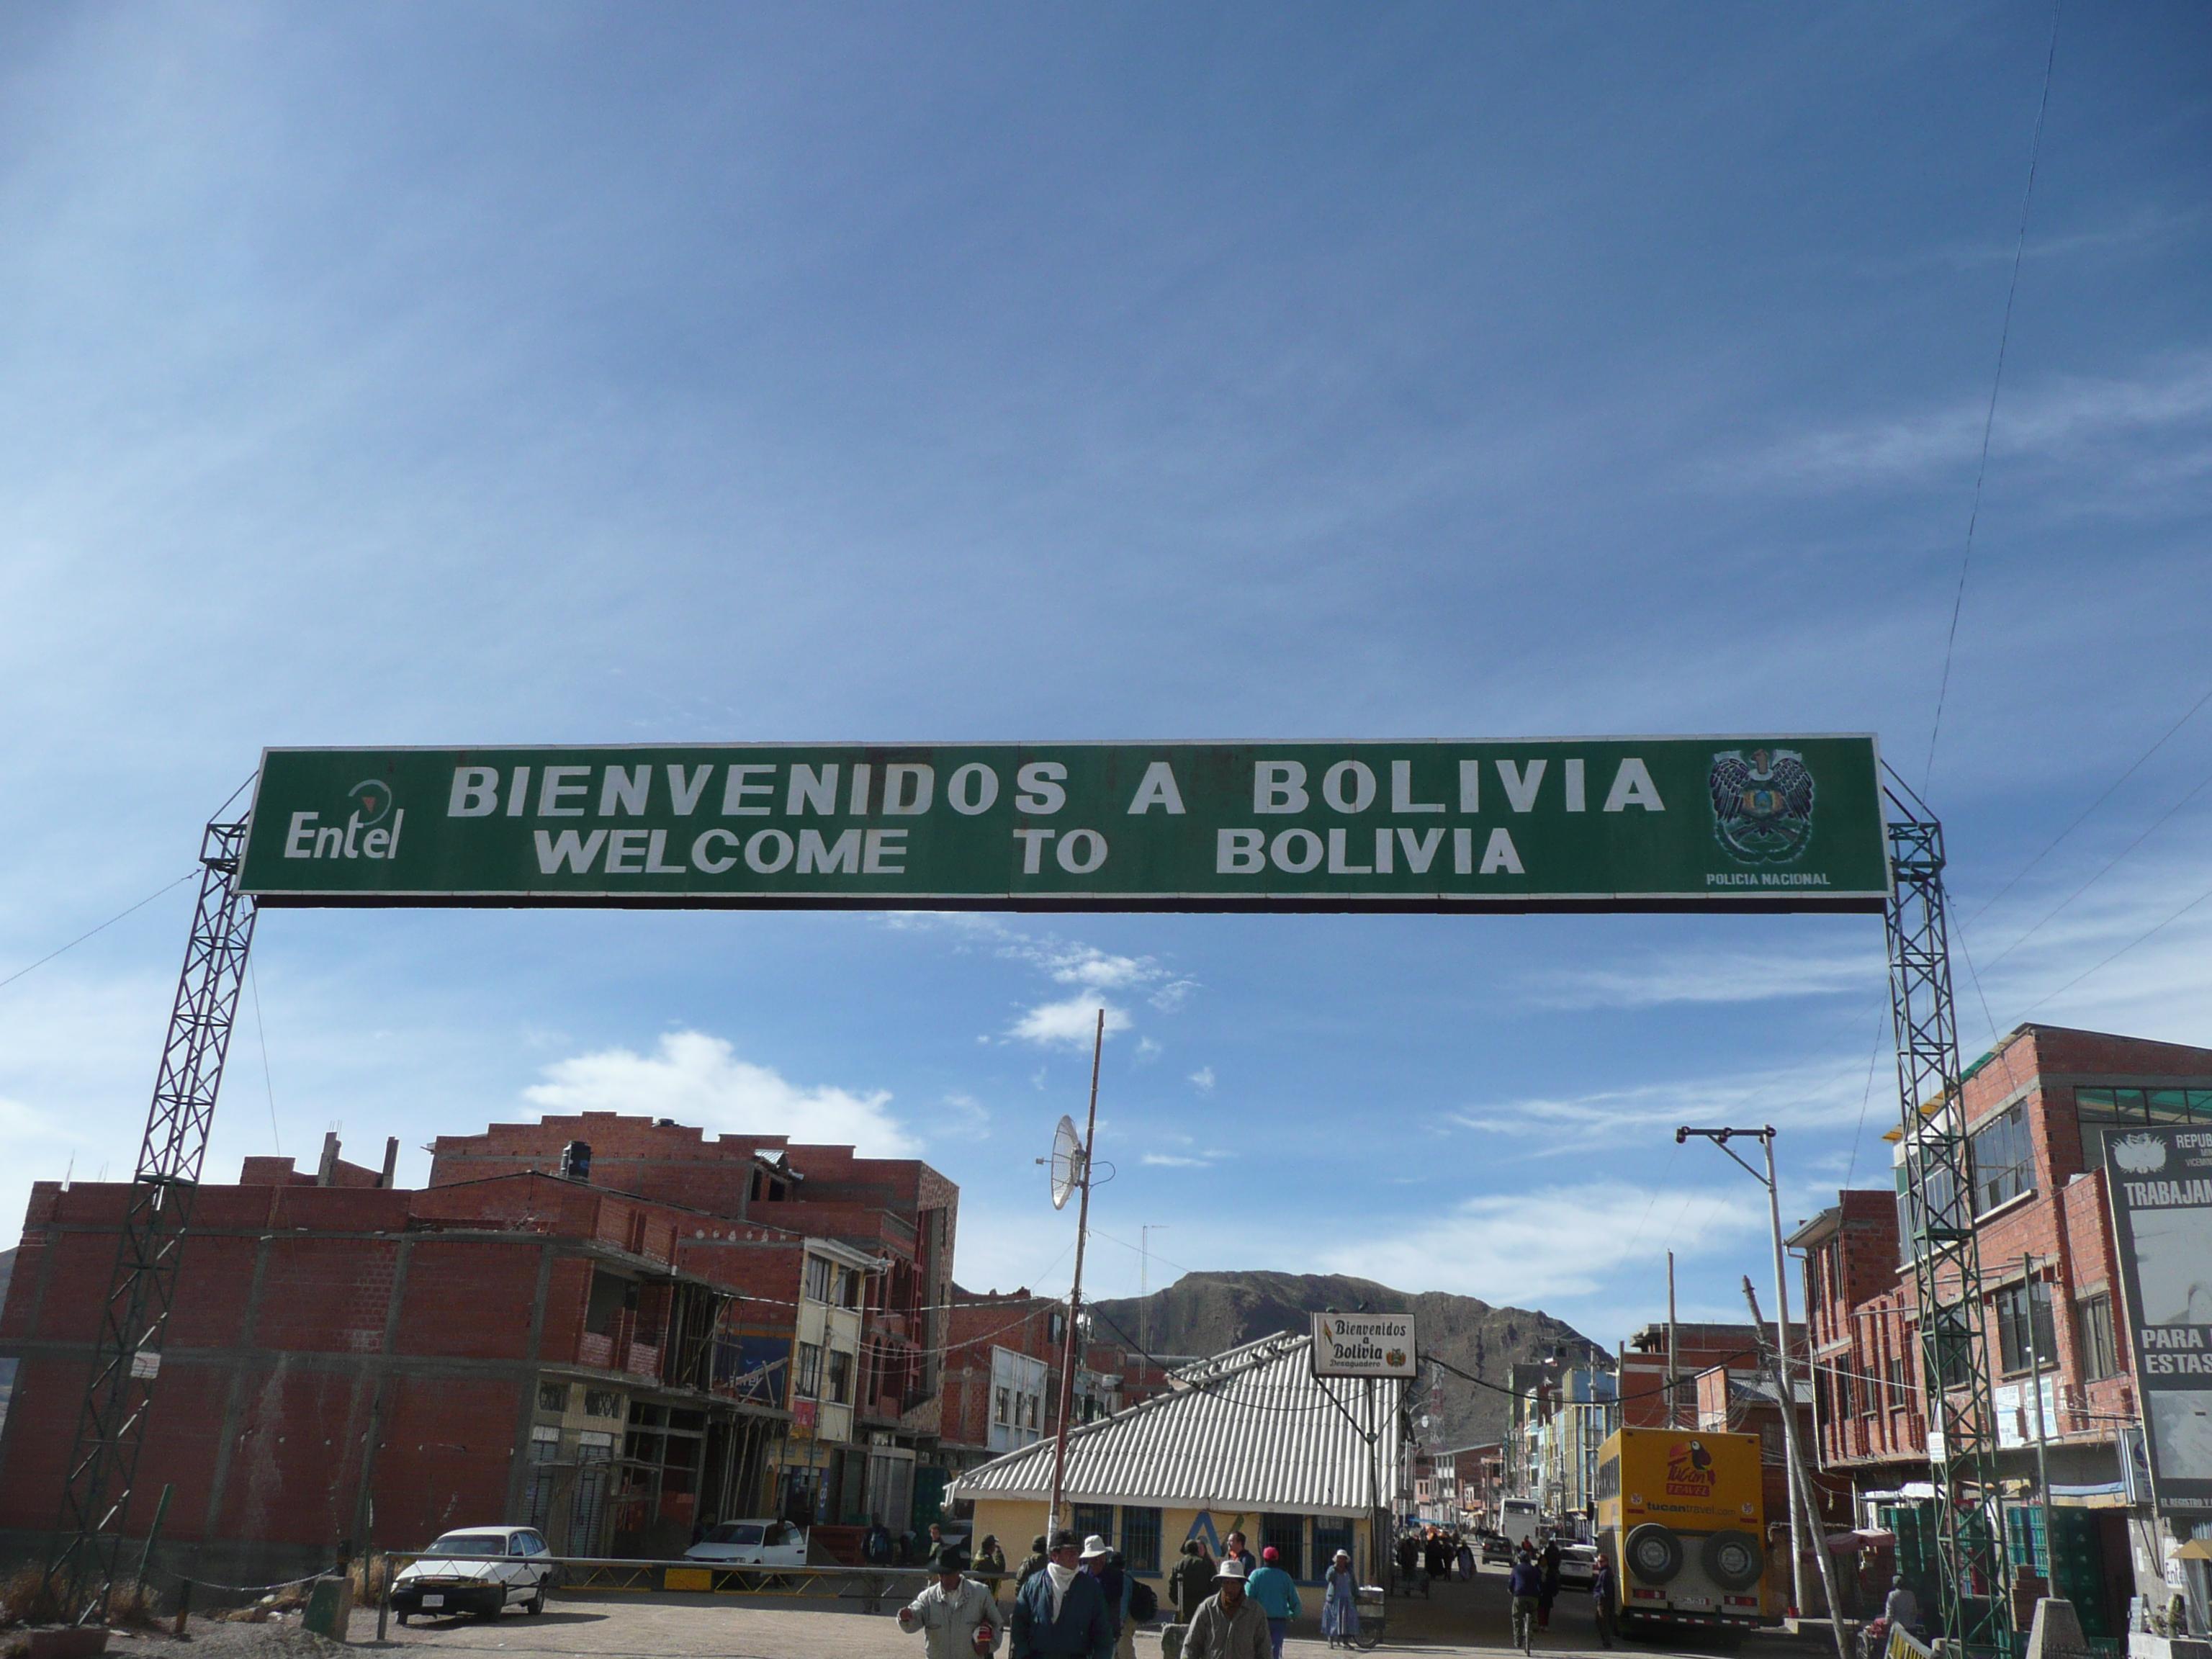 5/26-27 ペルー-ボリビアの国境越えは偽警官に注意!